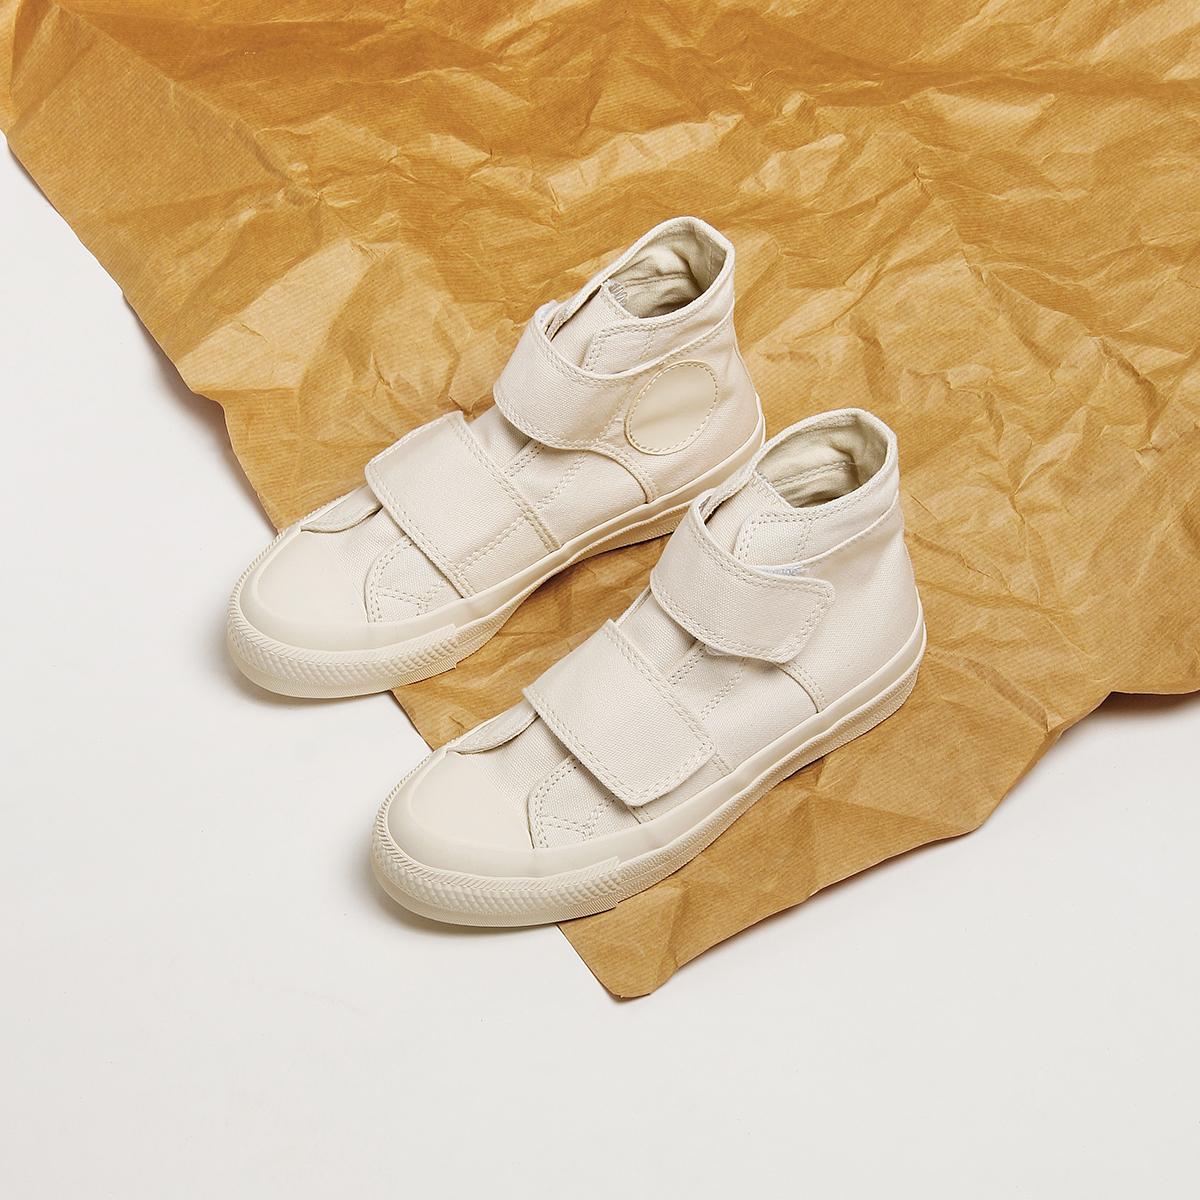 飞行计划ins2020新款魔术贴高帮日系古着帆布鞋山本风小白鞋子女图片